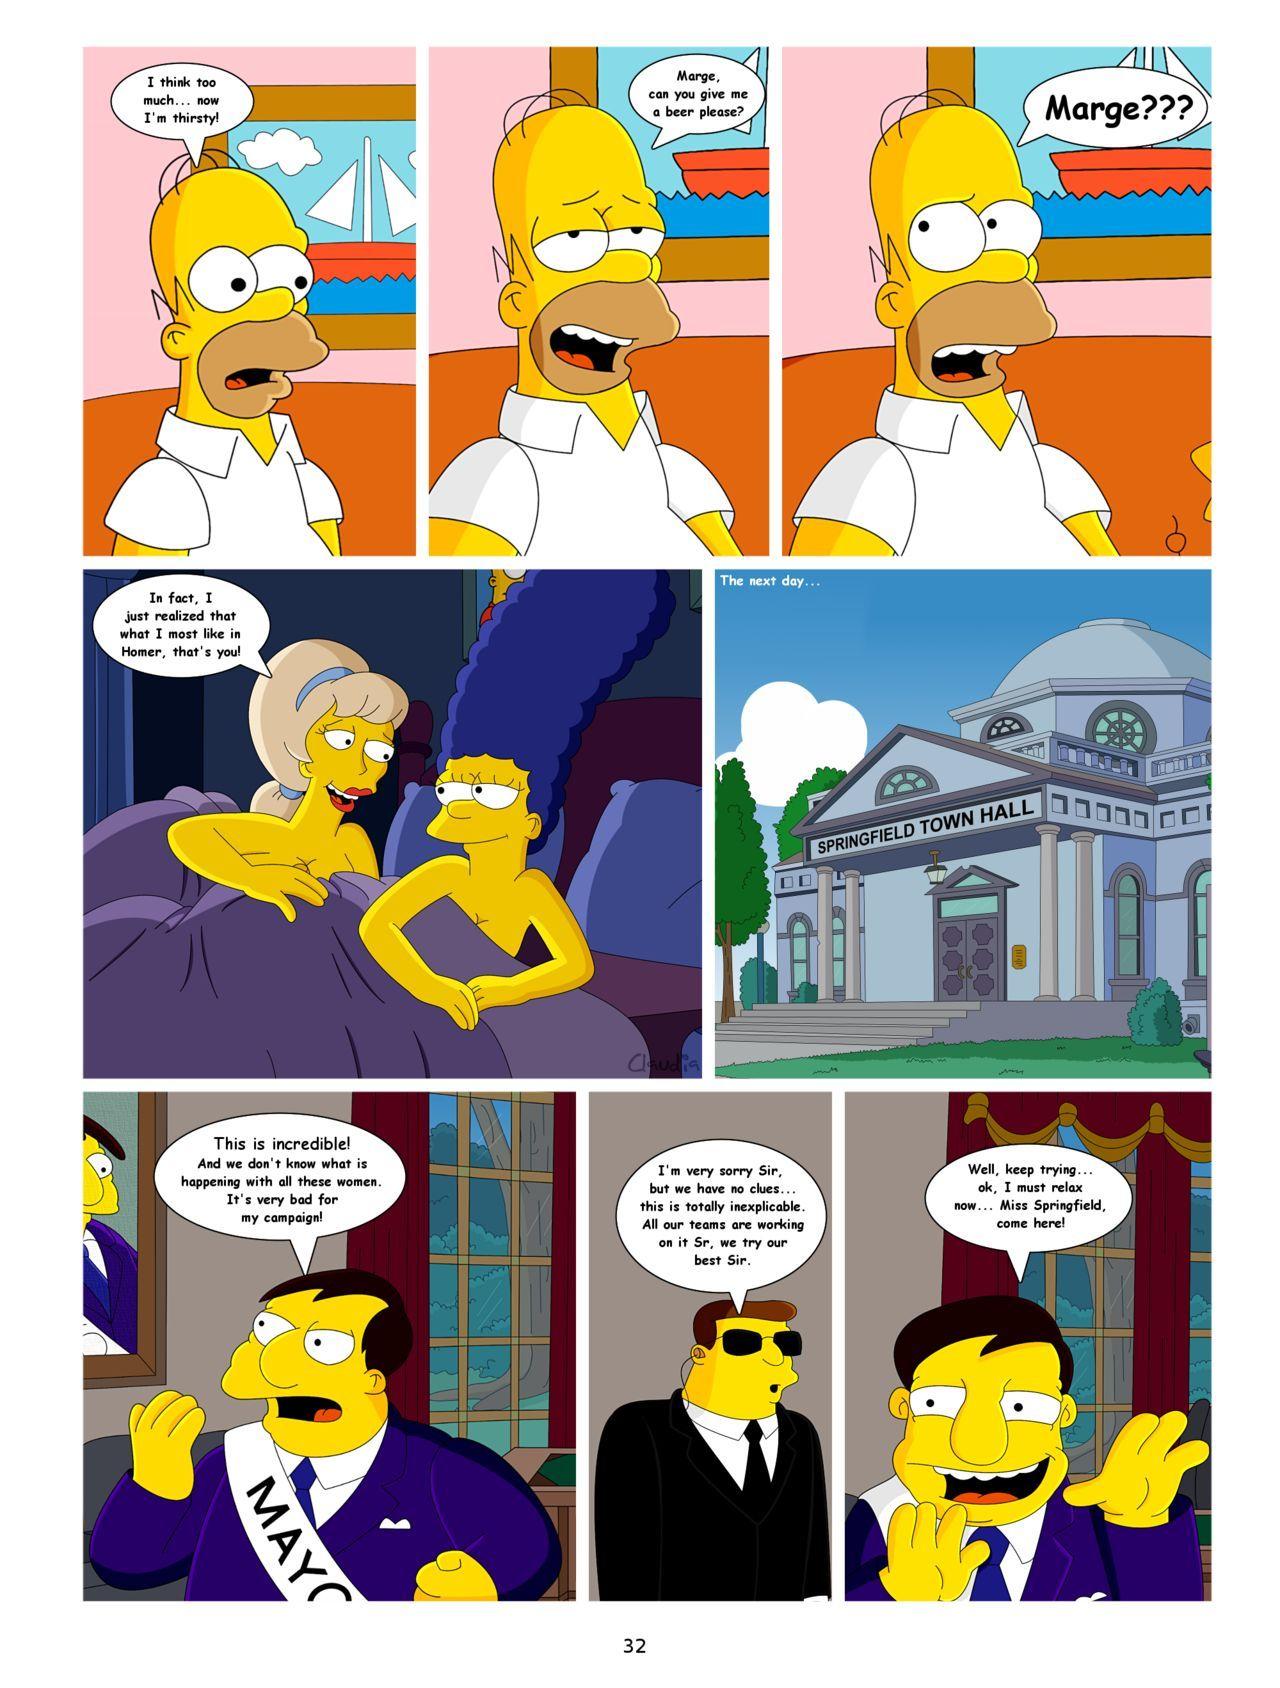 Τα κόμικς πορνό Σίμπσον